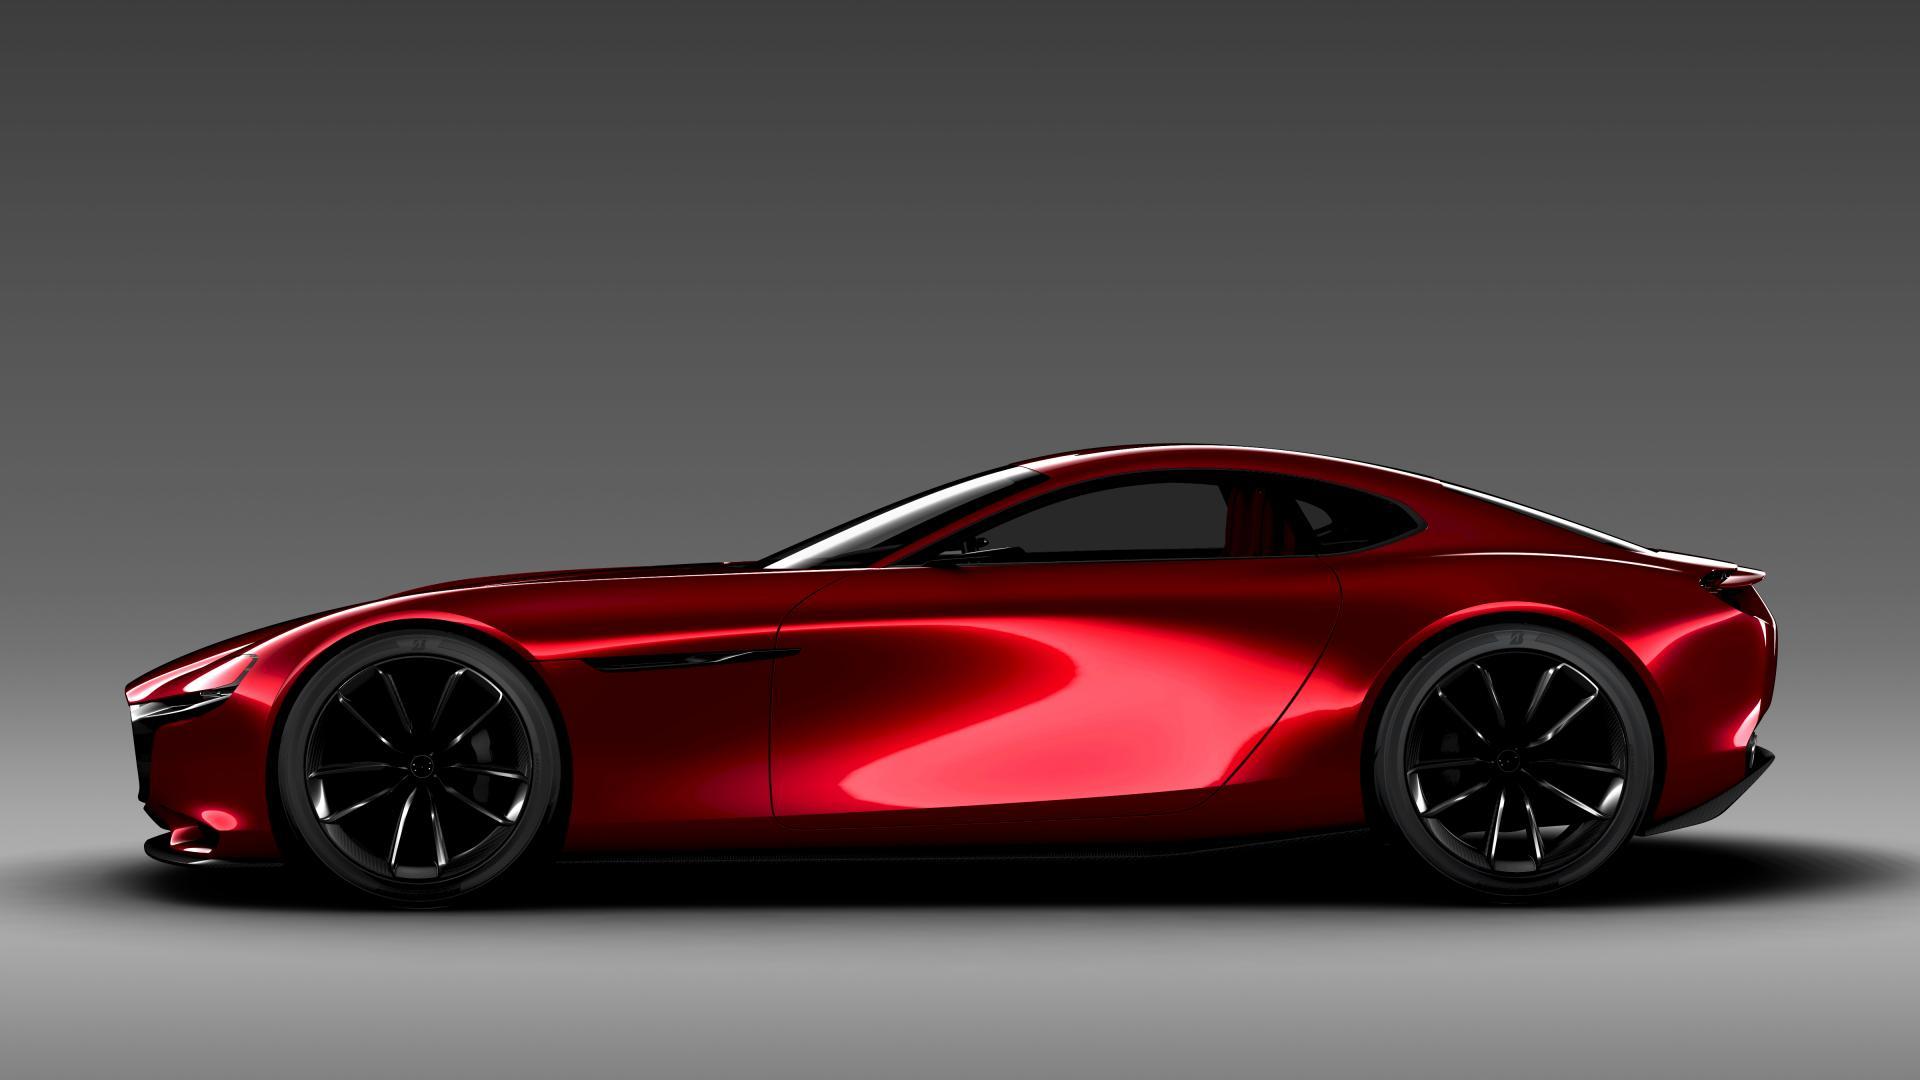 Mazda Cx 9 >> Mazda RX-9 gaat in productie en komt in 2020 naar de showroom